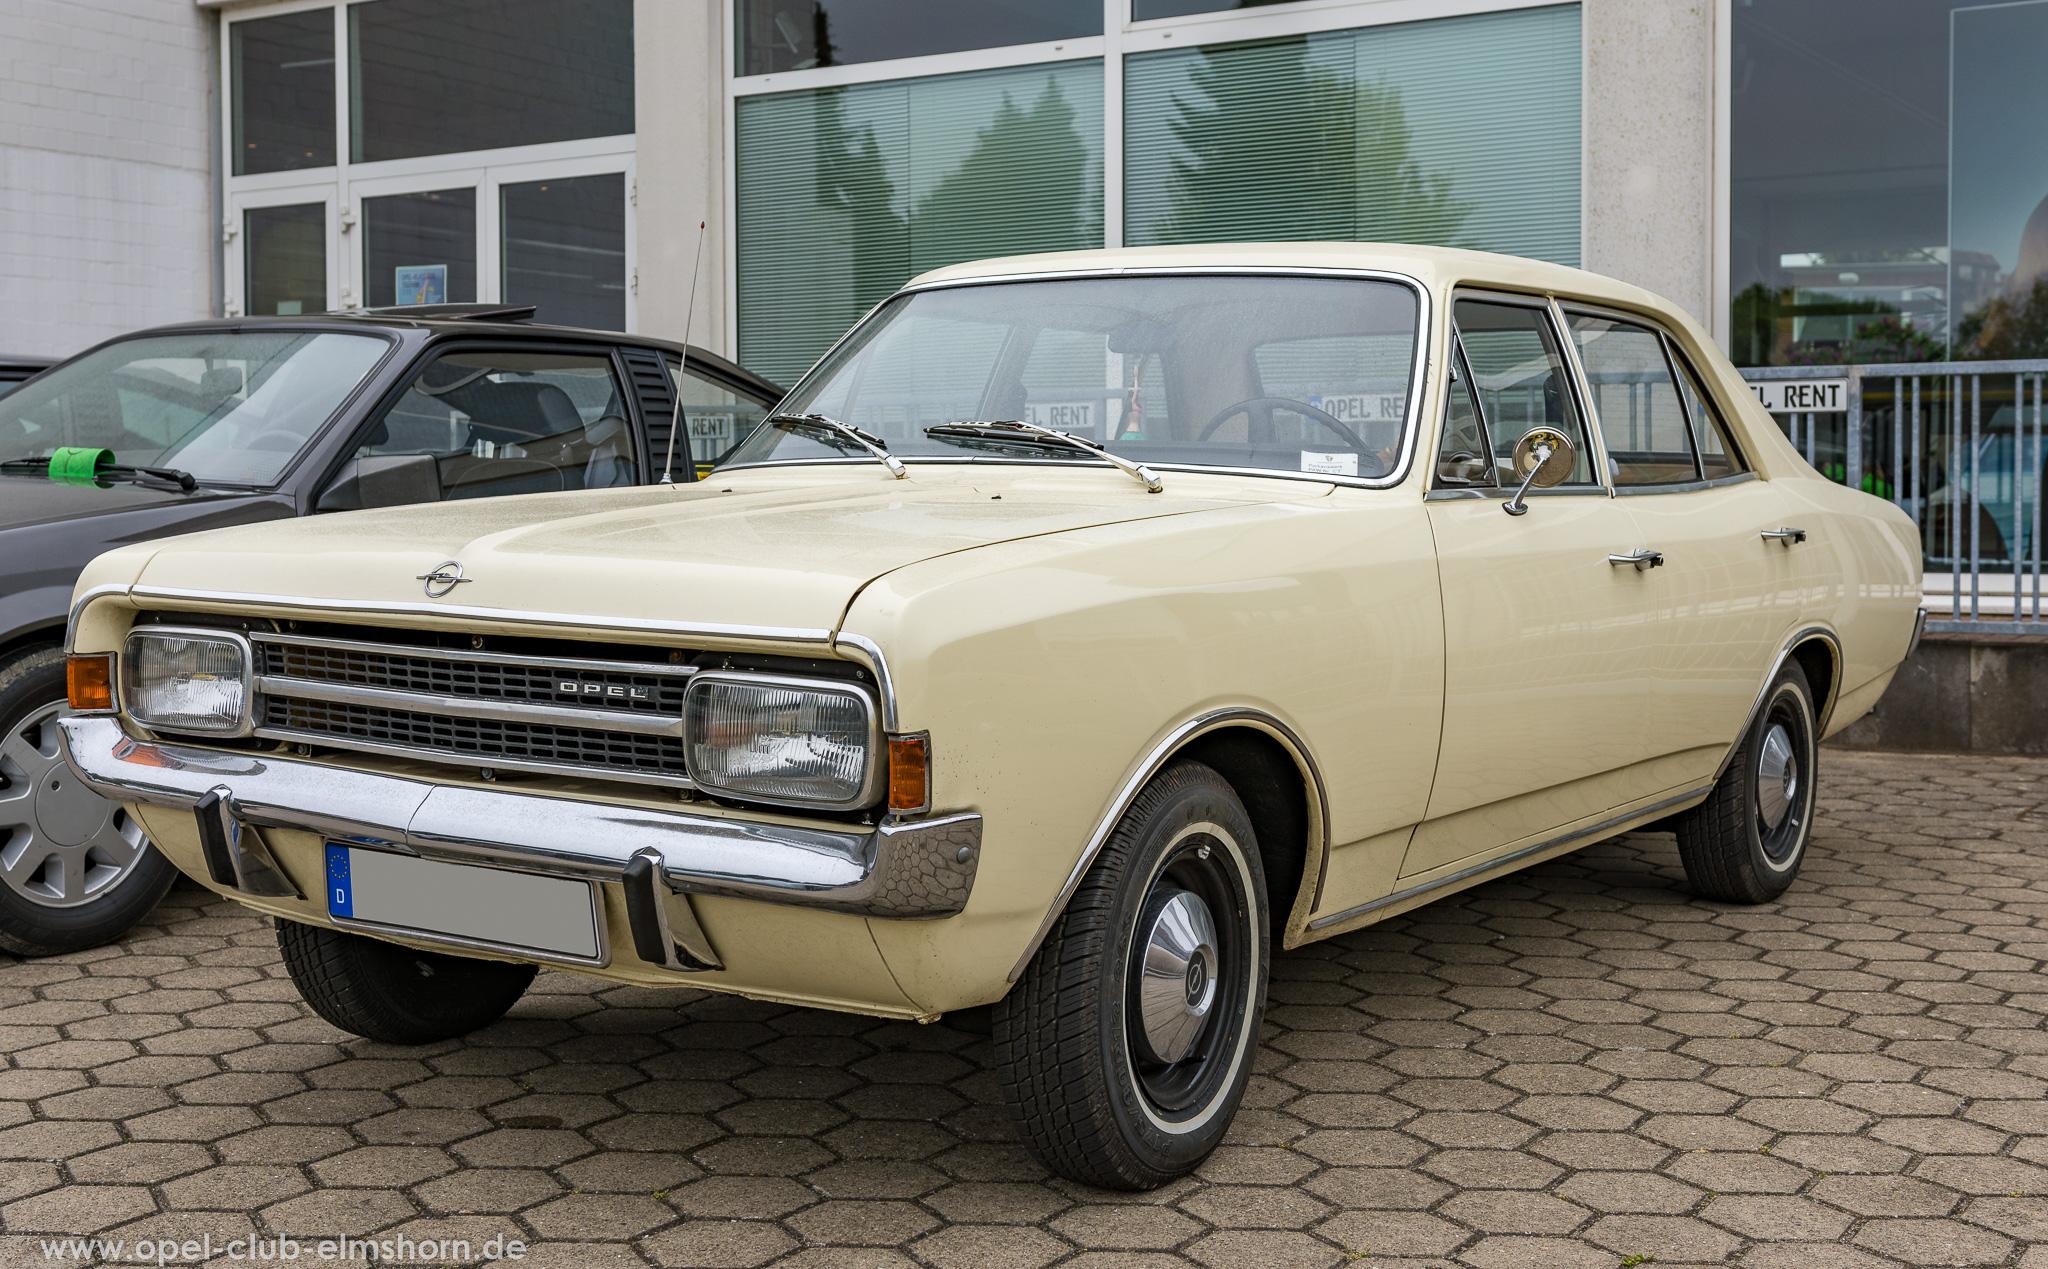 Altopeltreffen Wedel 2019 - 20190501_114030 - Opel Rekord C